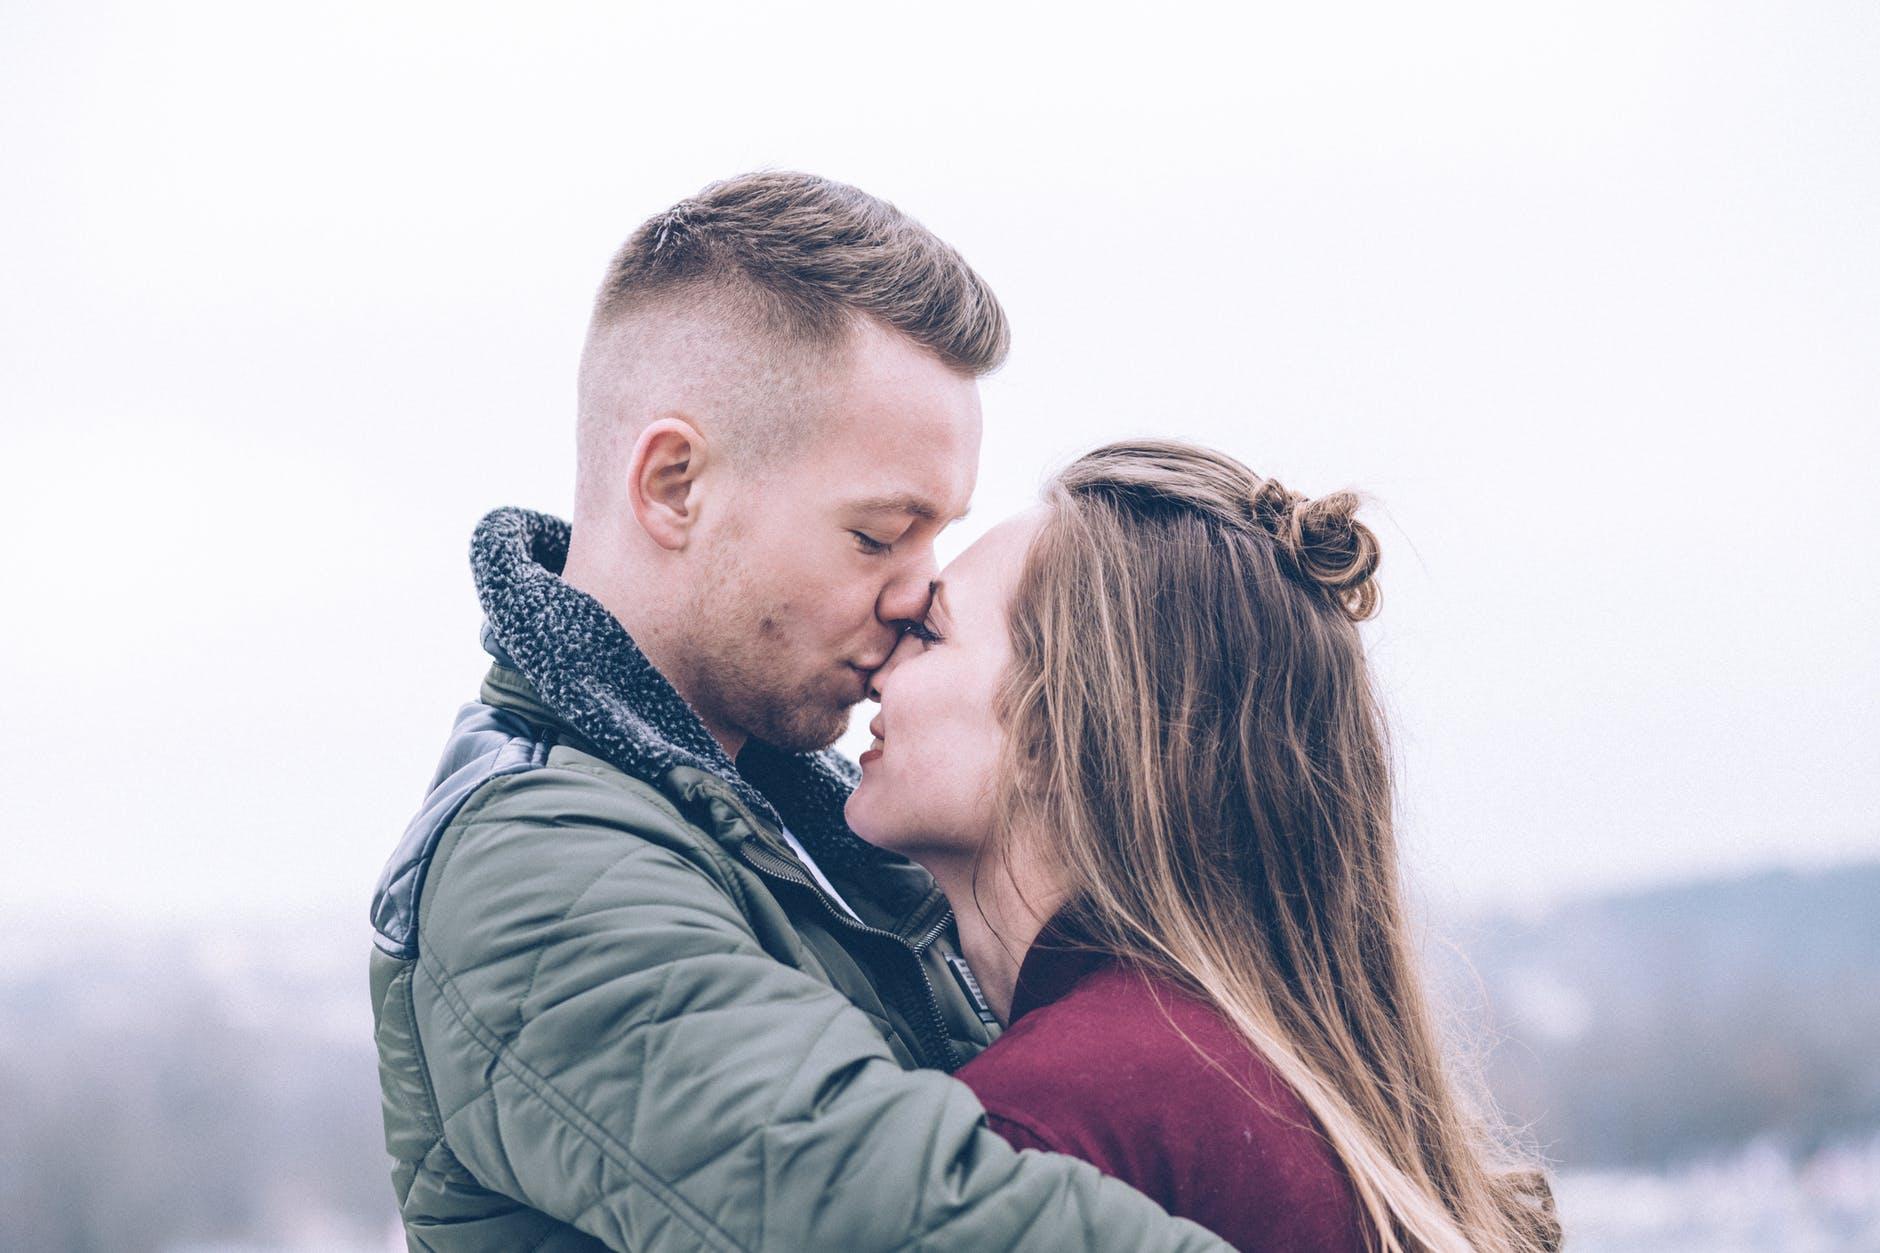 4 Sex tips : เคล็ดลับสำหรับสาวๆ ทำอย่างไรช่วยสร้างความมั่นใจให้แฟนหนุ่ม นิยามความรัก ทริคความรัก SEX